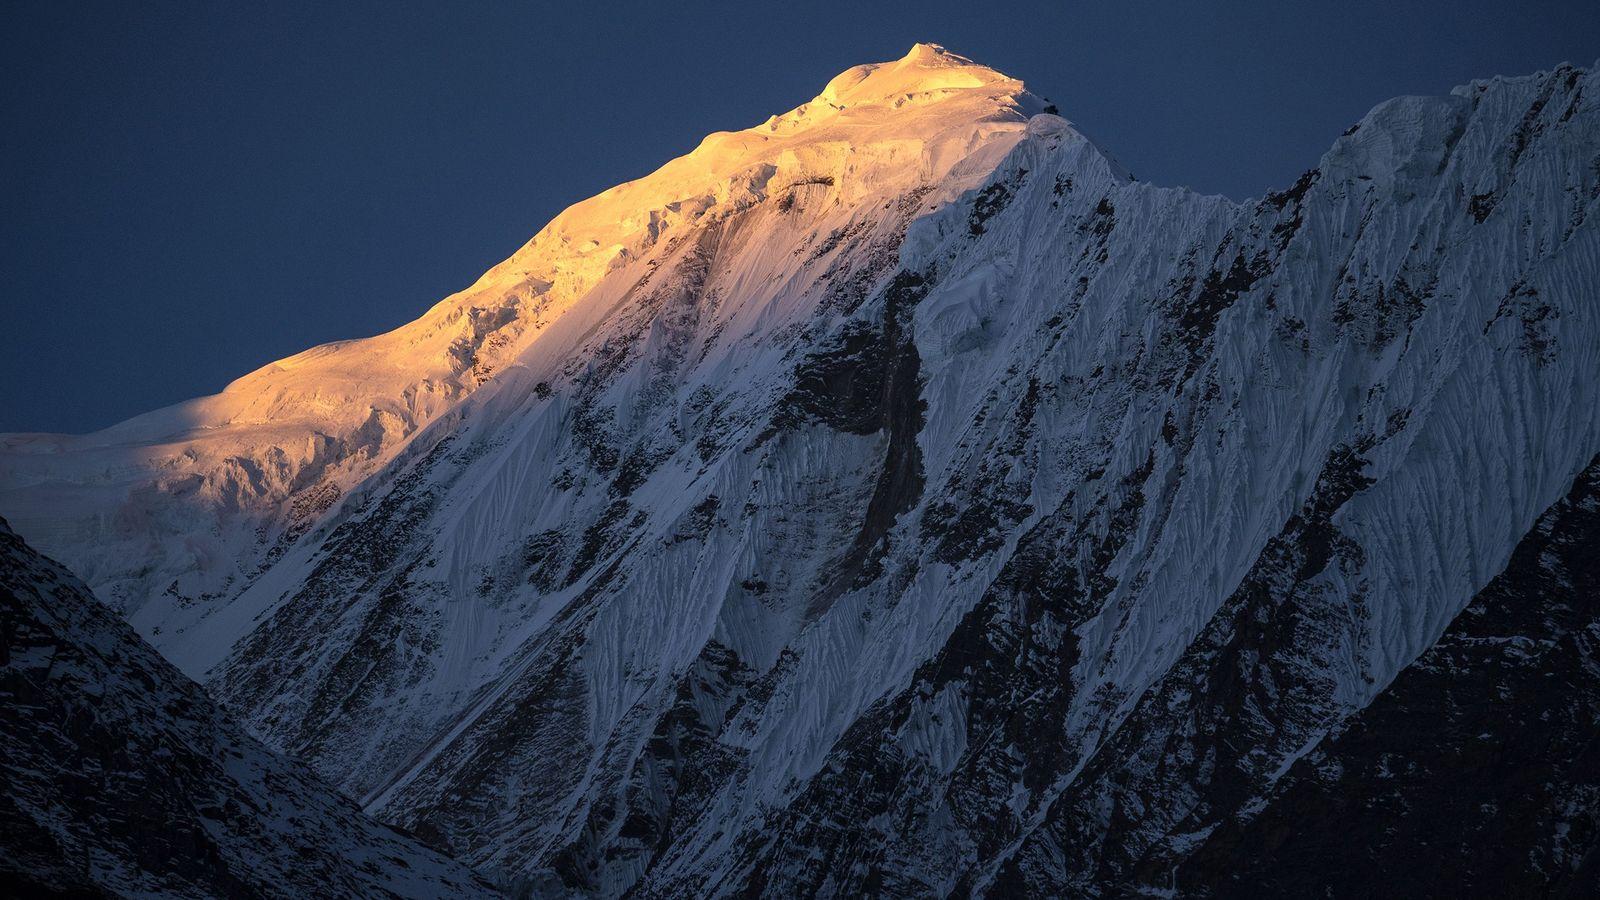 Le 8 novembre 2018, le soleil illuminait les sommets de l'Himalaya, vus depuis Manang au Népal.